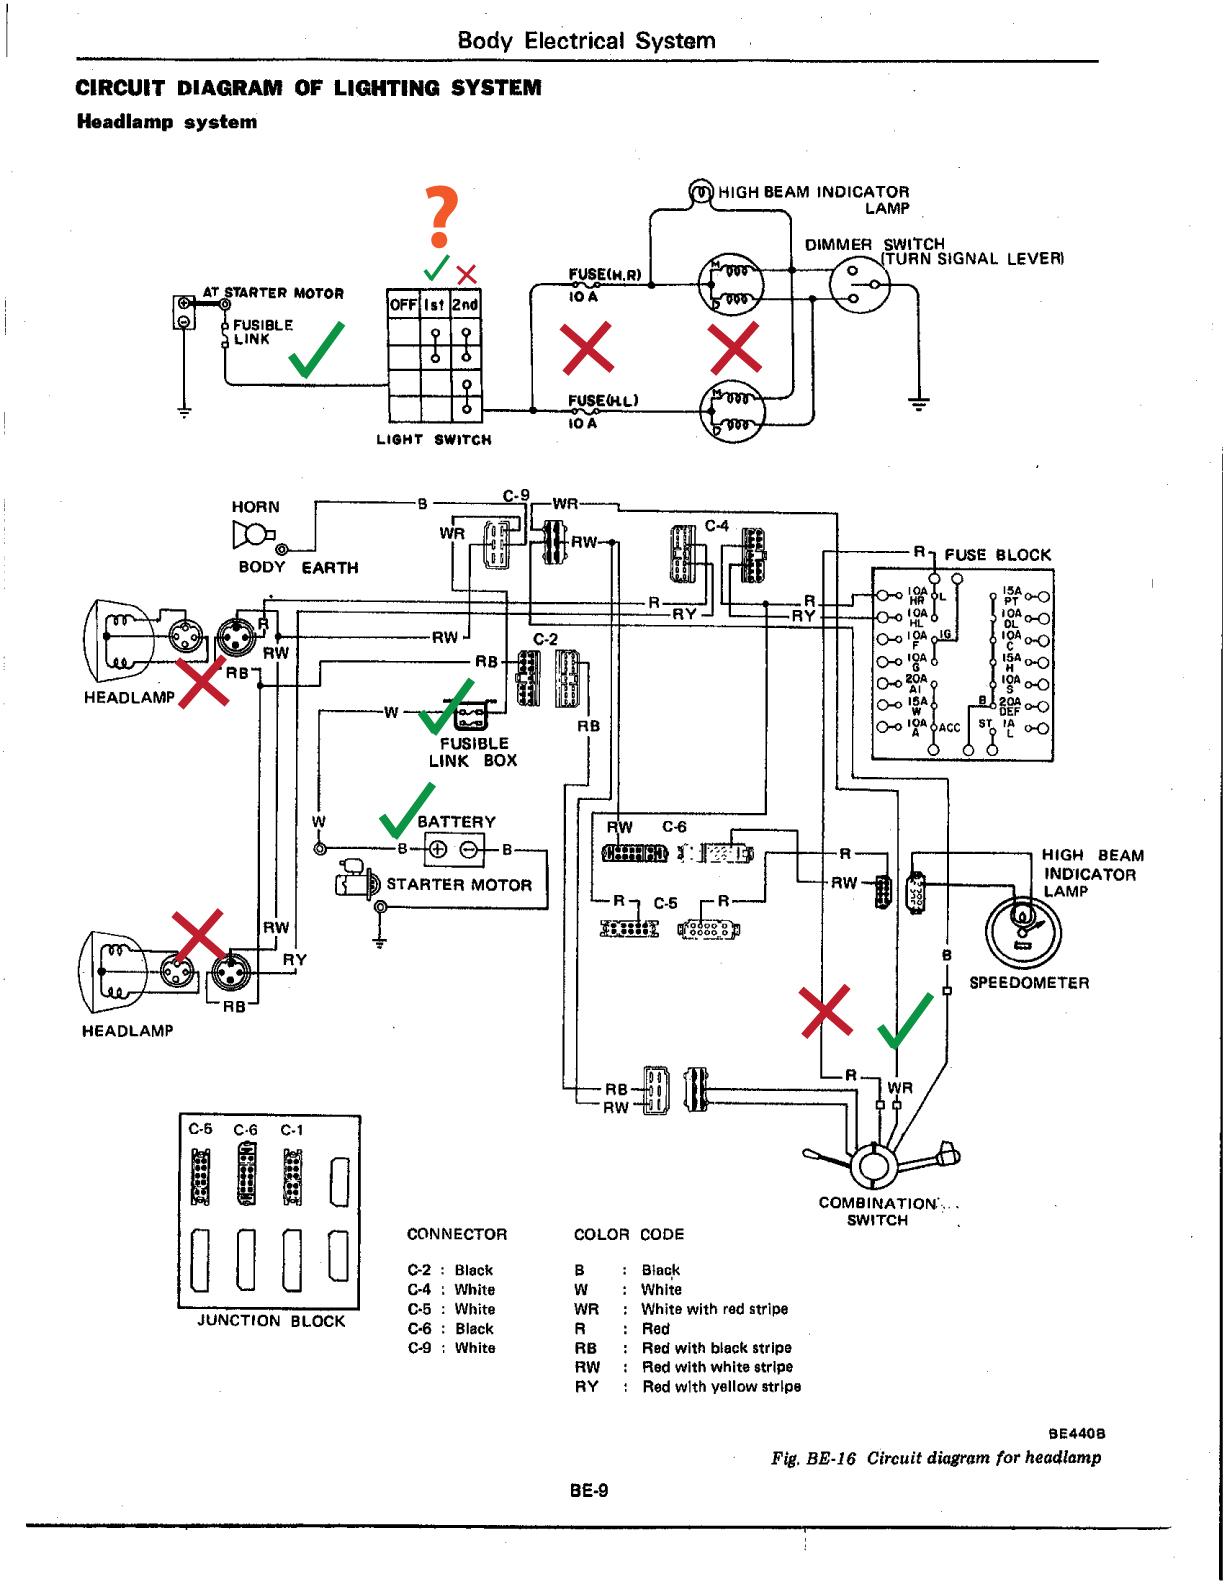 [GJFJ_338]  RD_9743] Datsun 1600 Starter Wiring Diagram Download Diagram | Alternator Wiring Diagram Datsun 1600 |  | Exmet Vesi Lectr Antus Mentra Mohammedshrine Librar Wiring 101